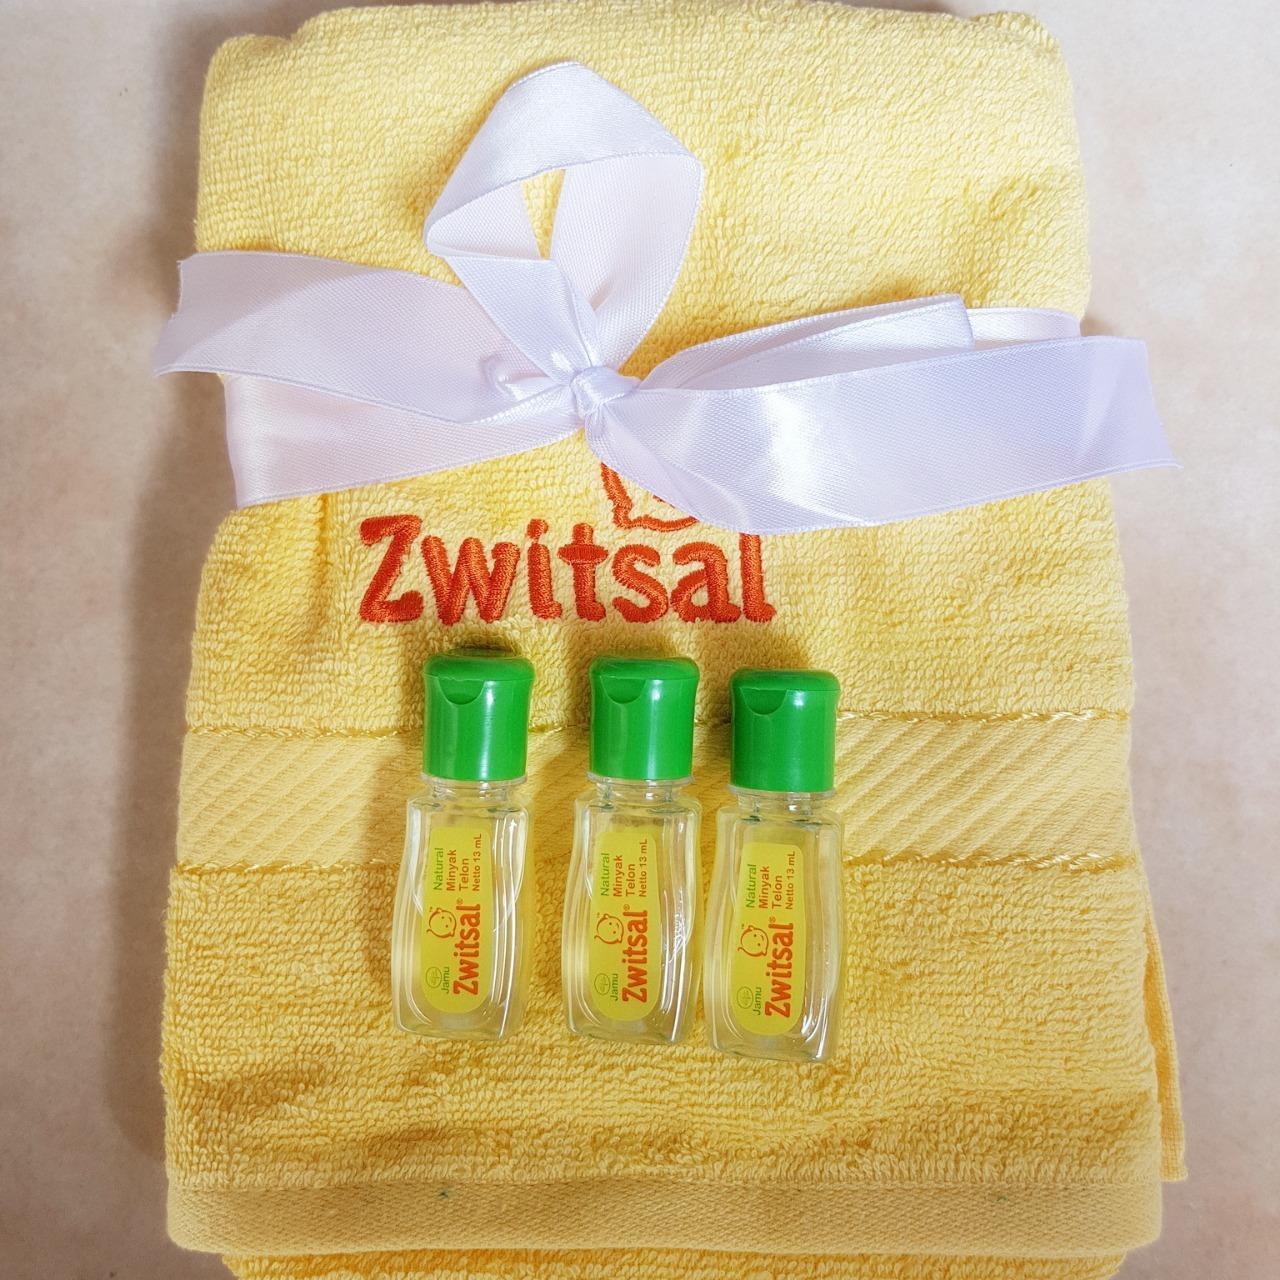 Jual Paket Minyak Telon Murah Garansi Dan Berkualitas Id Store Hemat Plus My Baby Longer Protection 60ml 3pcs Mtk040 Rp 48000 Ntr Zwitsal